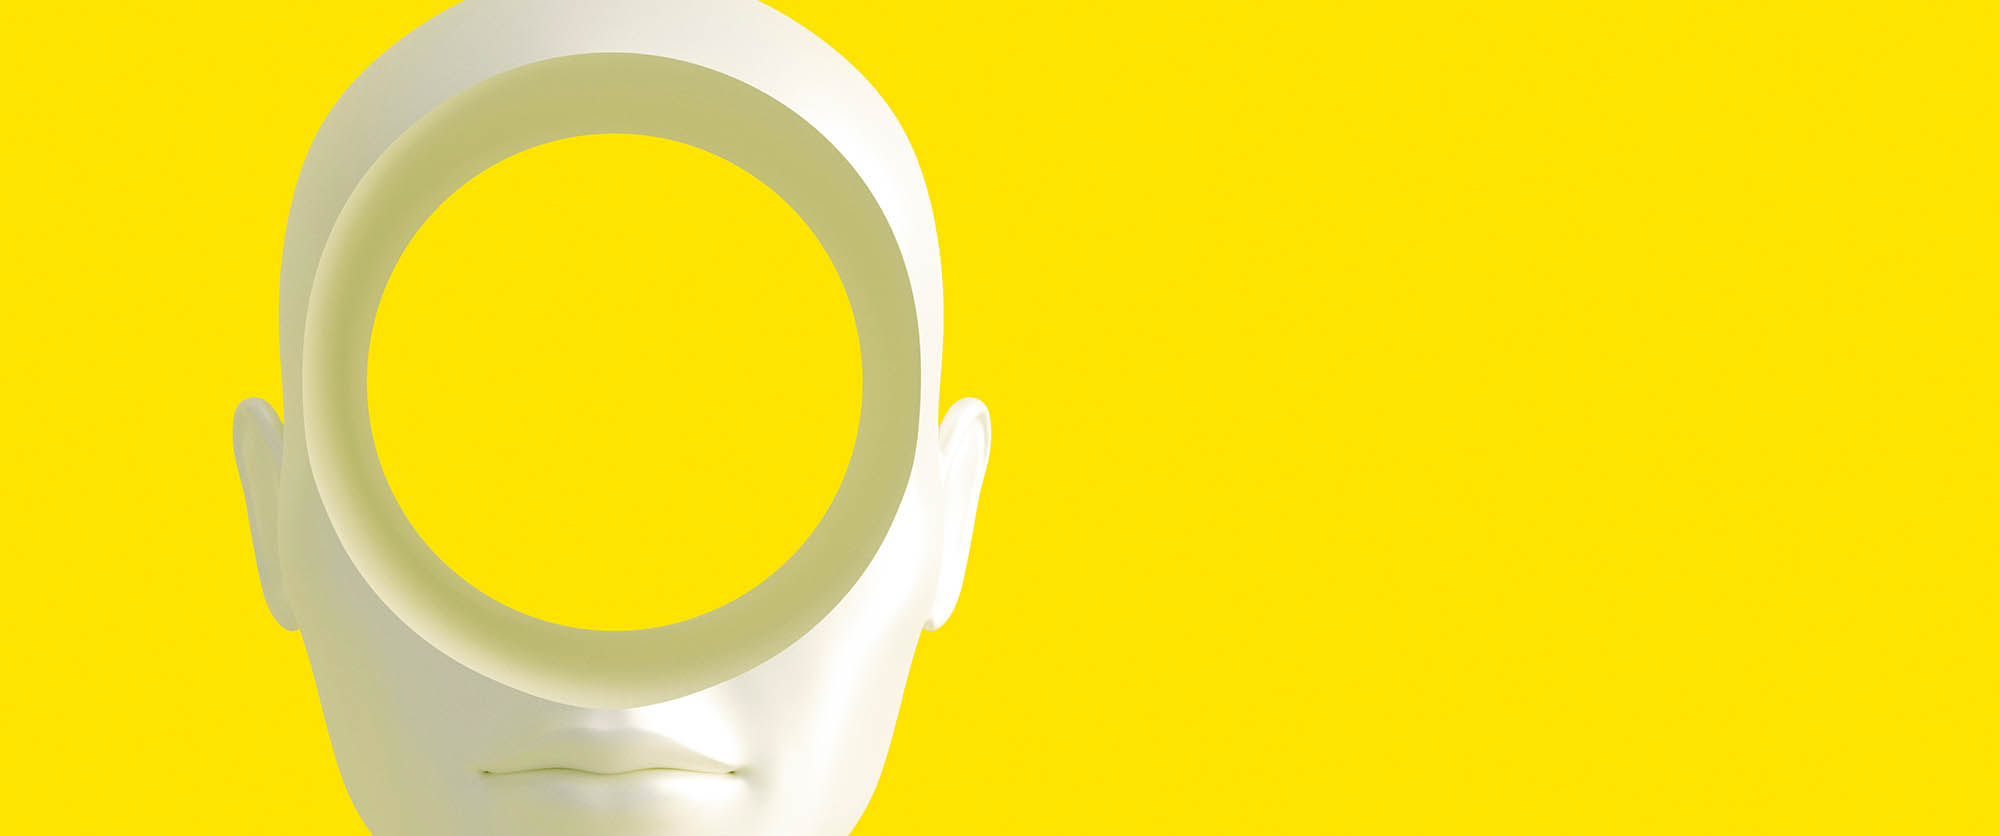 branding-muñeco-sin cabeza-diseño-web-la central badiola